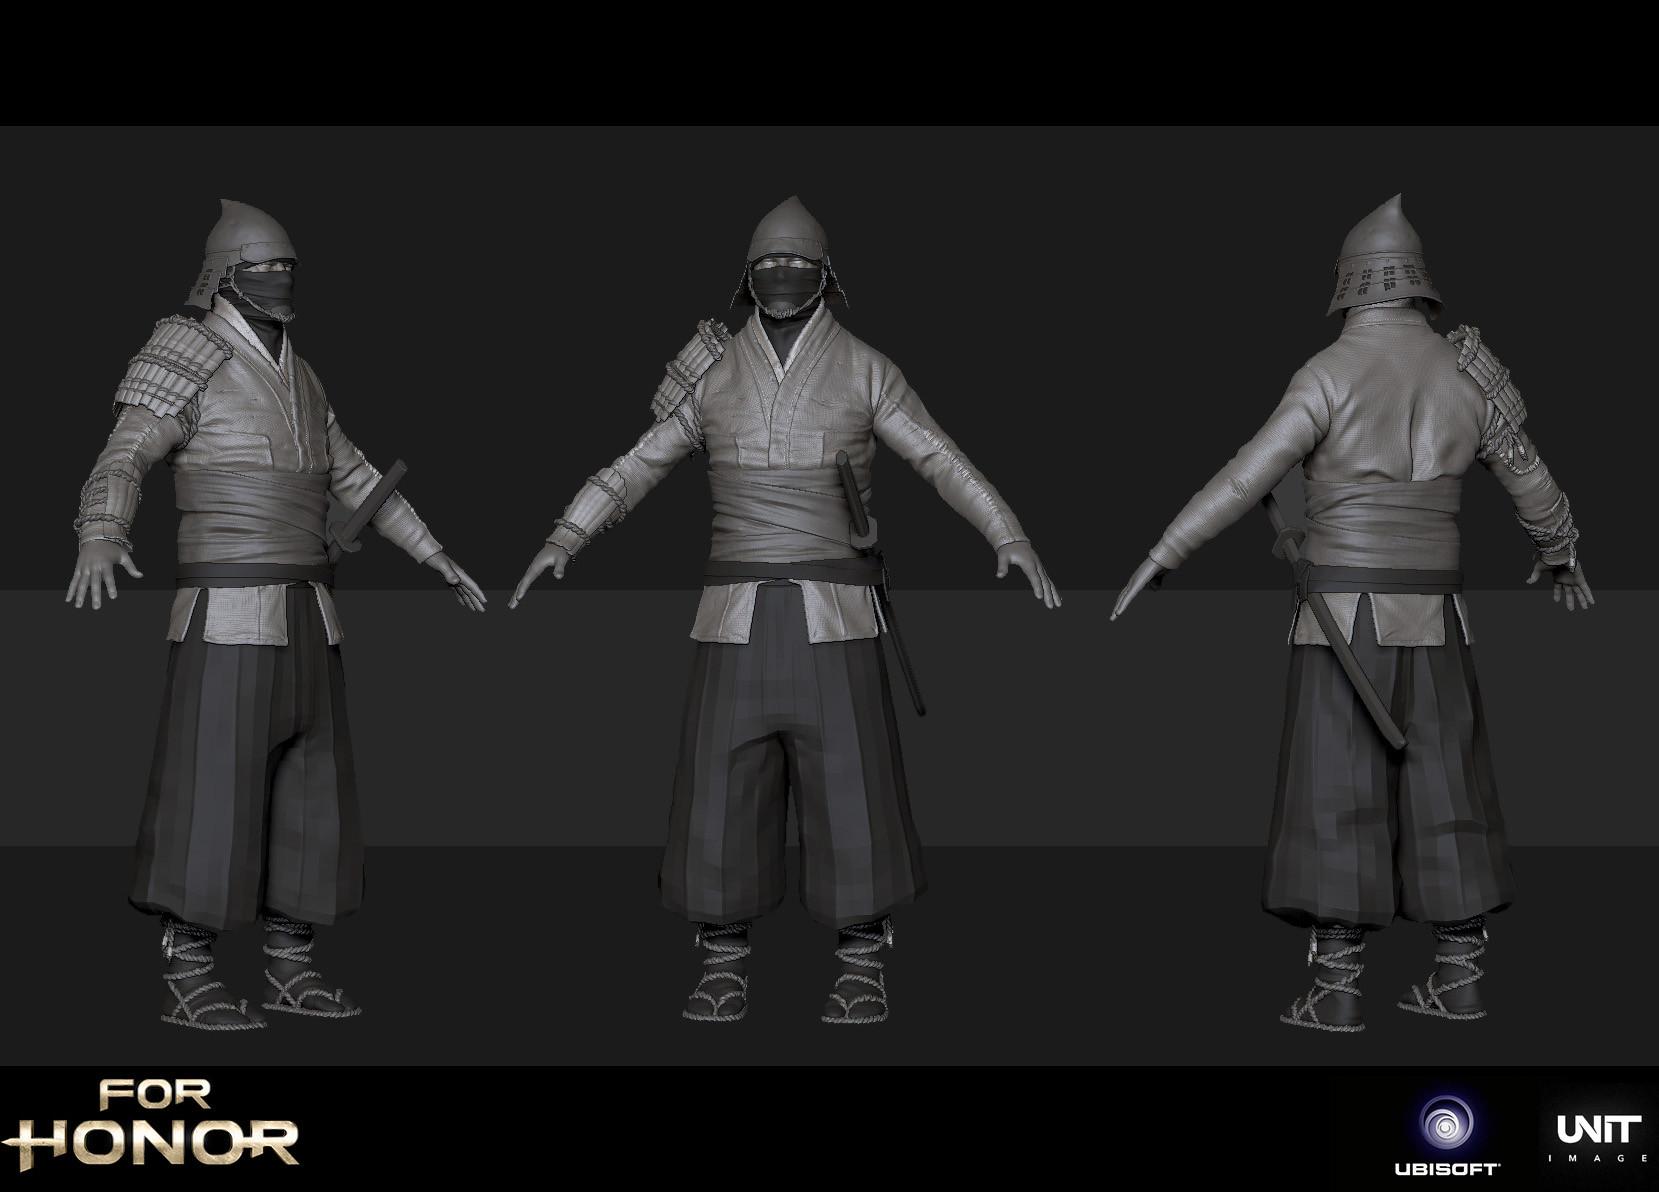 ArtStation - For Honor E3 2016, Samuel Compain-Eglin